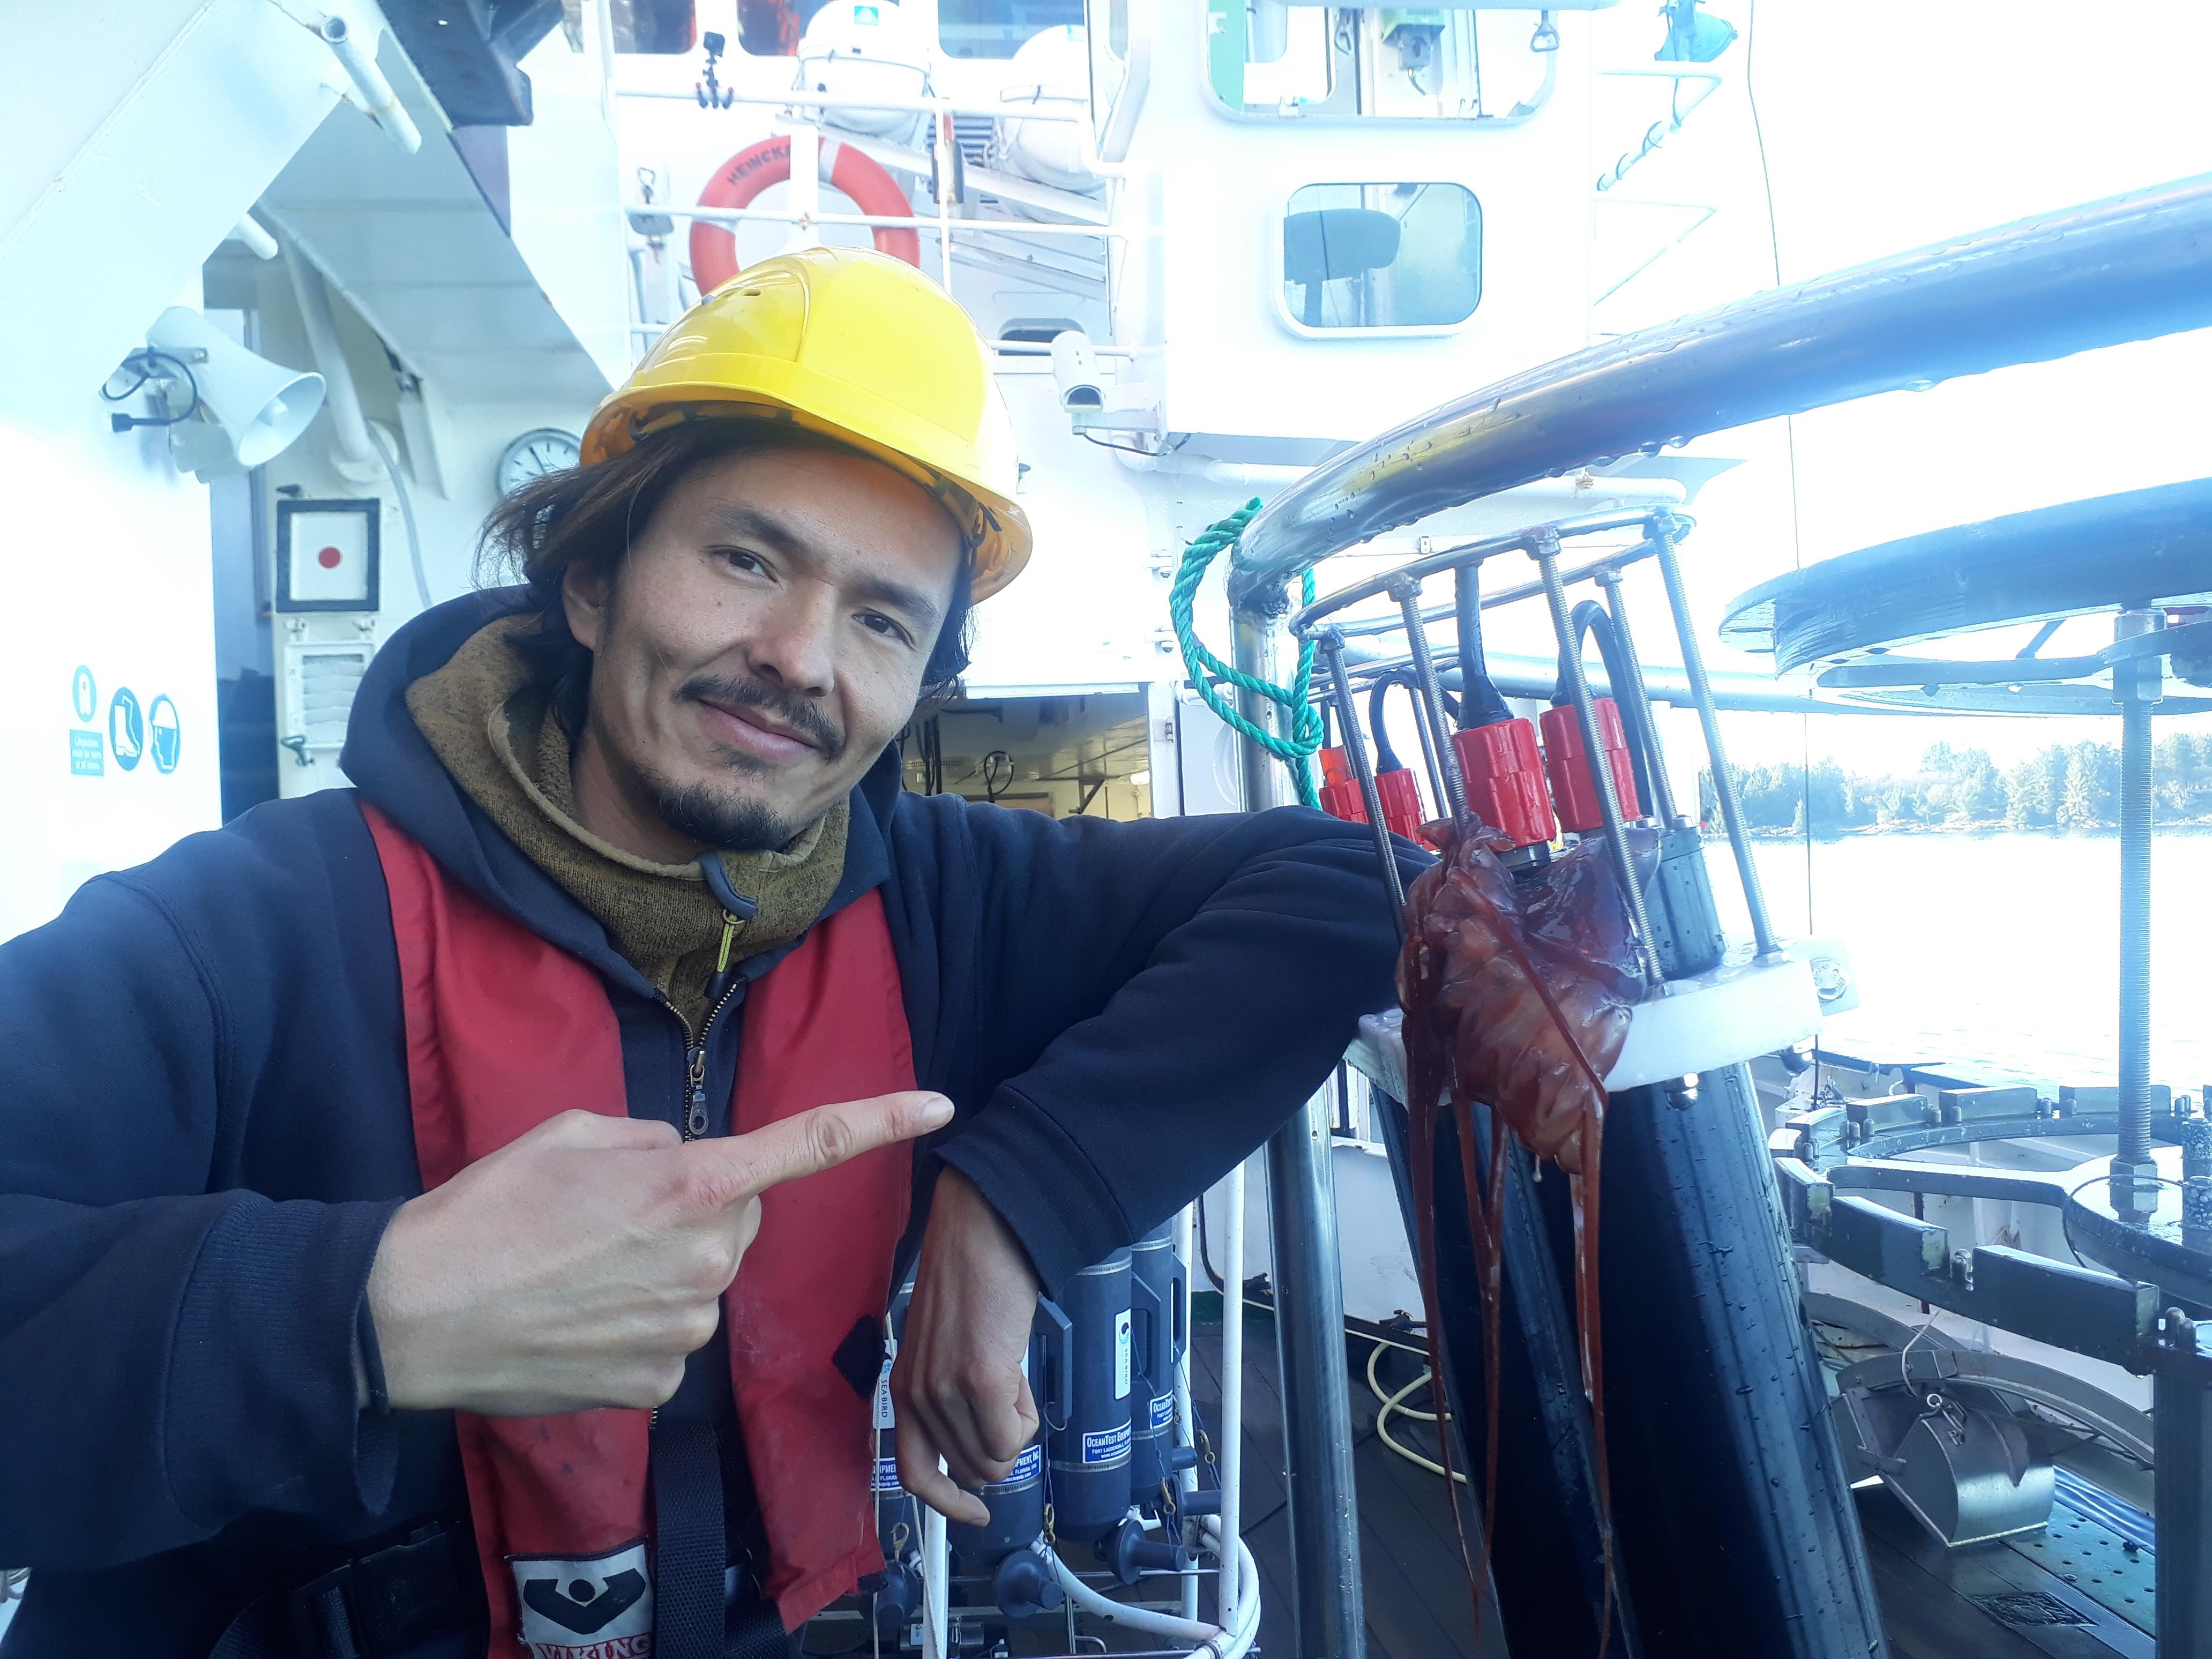 Jan Taucher (GEOMAR) hat bei diesem Einsatz seiner selbst entwickelten PIScO (Plankton Imaging with Scanning Optics), für die es die erste Schiffsexpedition war, nicht nur Bilder ergattert. Foto: Christian Konrad